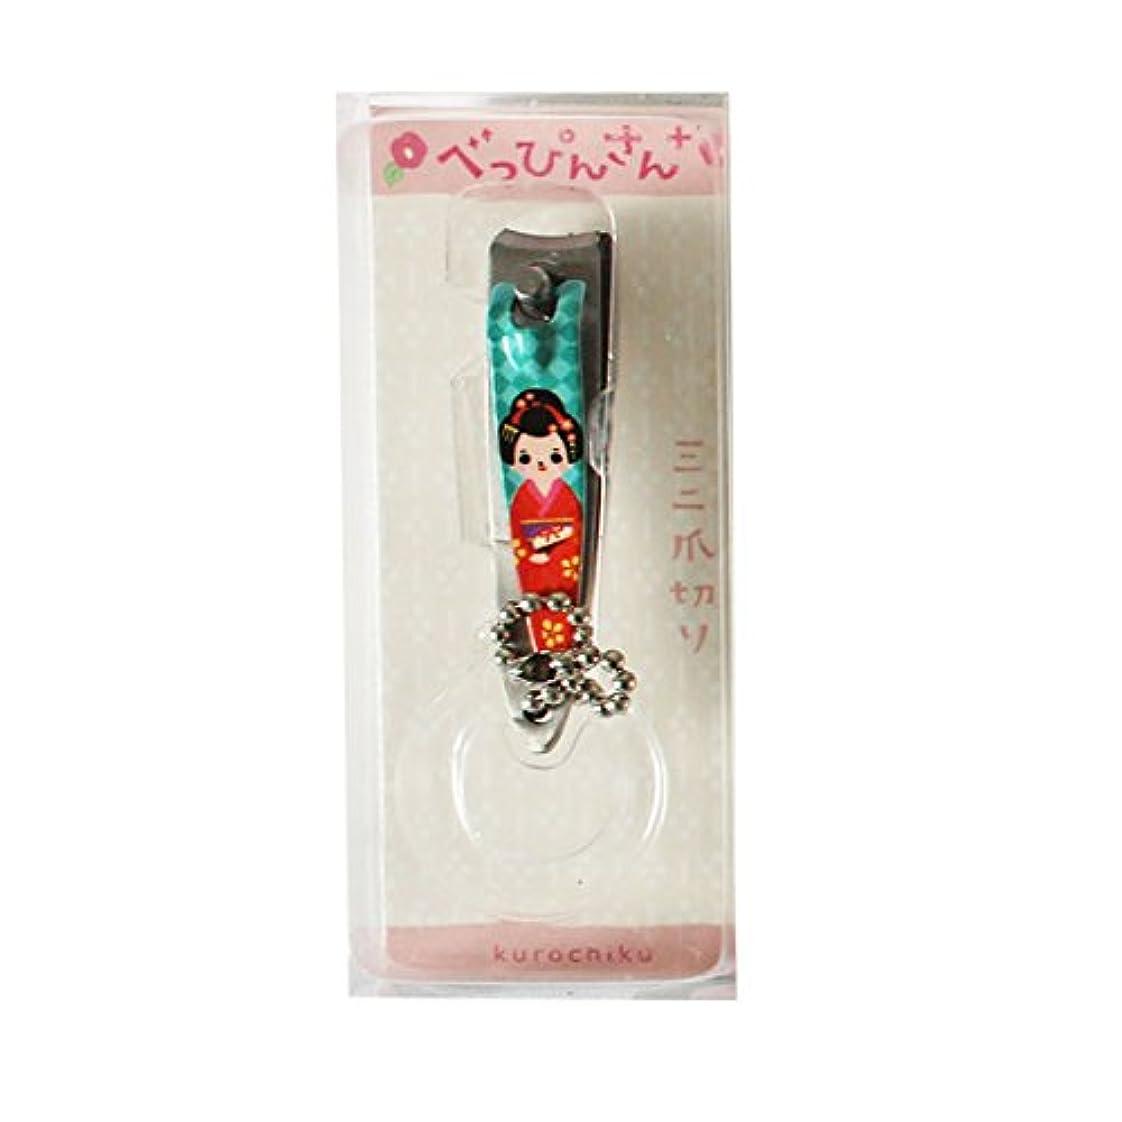 意識消防士筋くろちく べっぴんさんプラス ミニ爪切り 舞子朱 約1.2x5.5cm